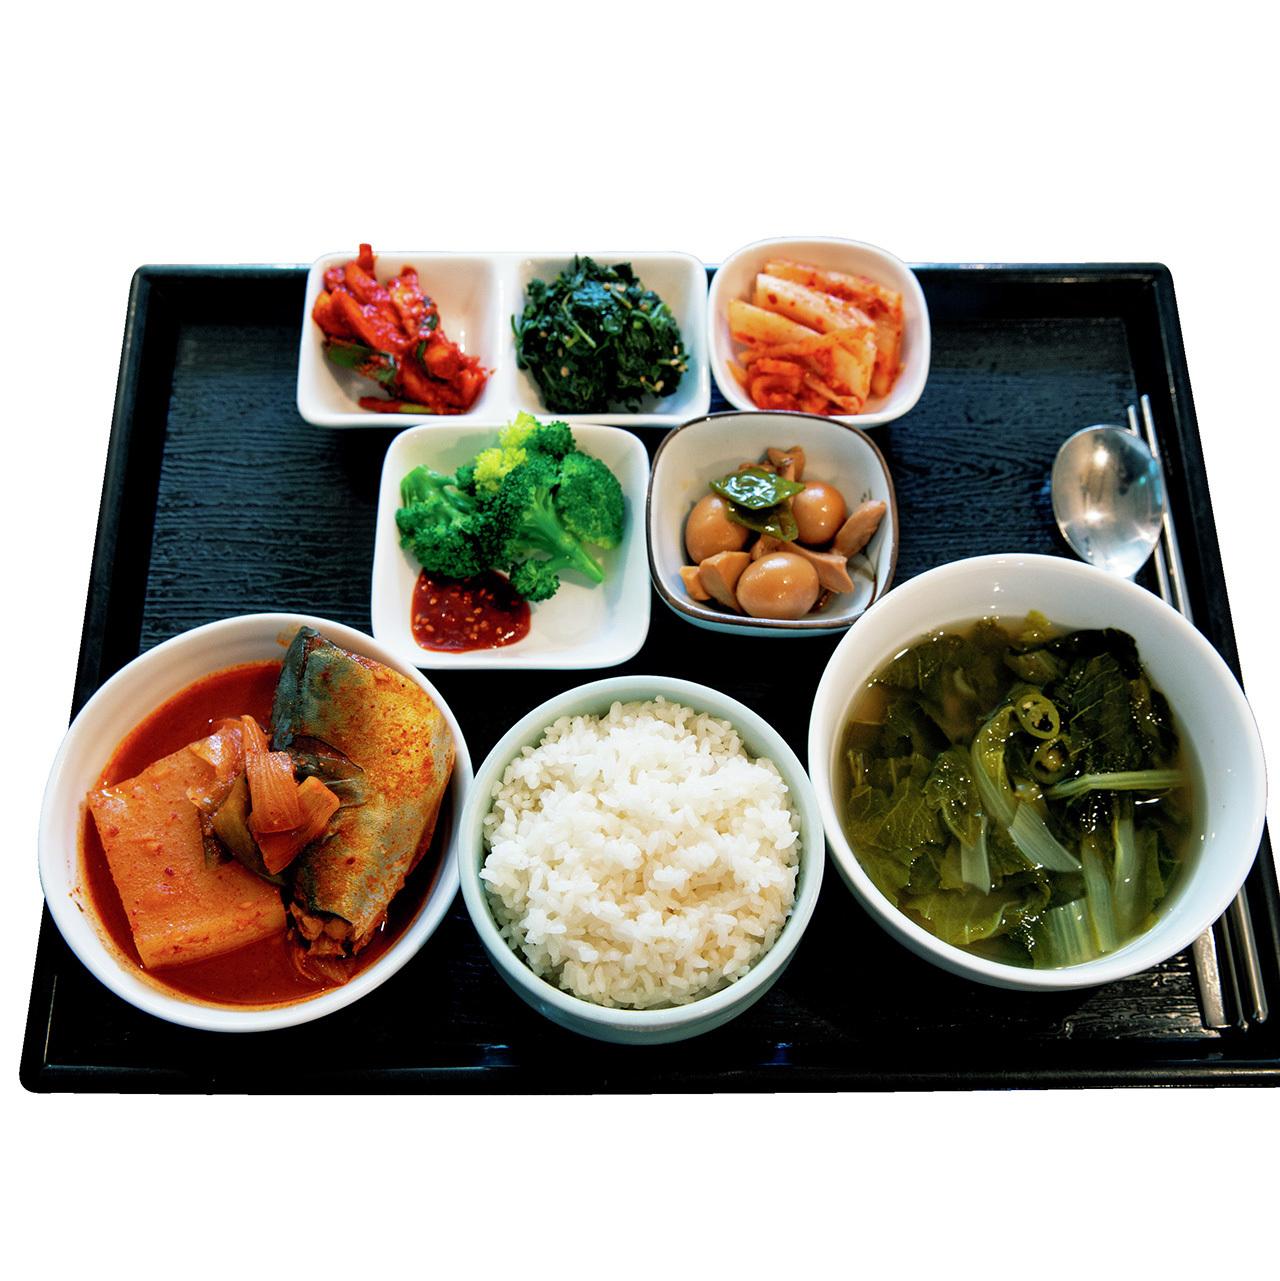 大人のためのソウル旅⑥昼に訪ねたい新旧の街のヒット食堂 五選_1_1-2